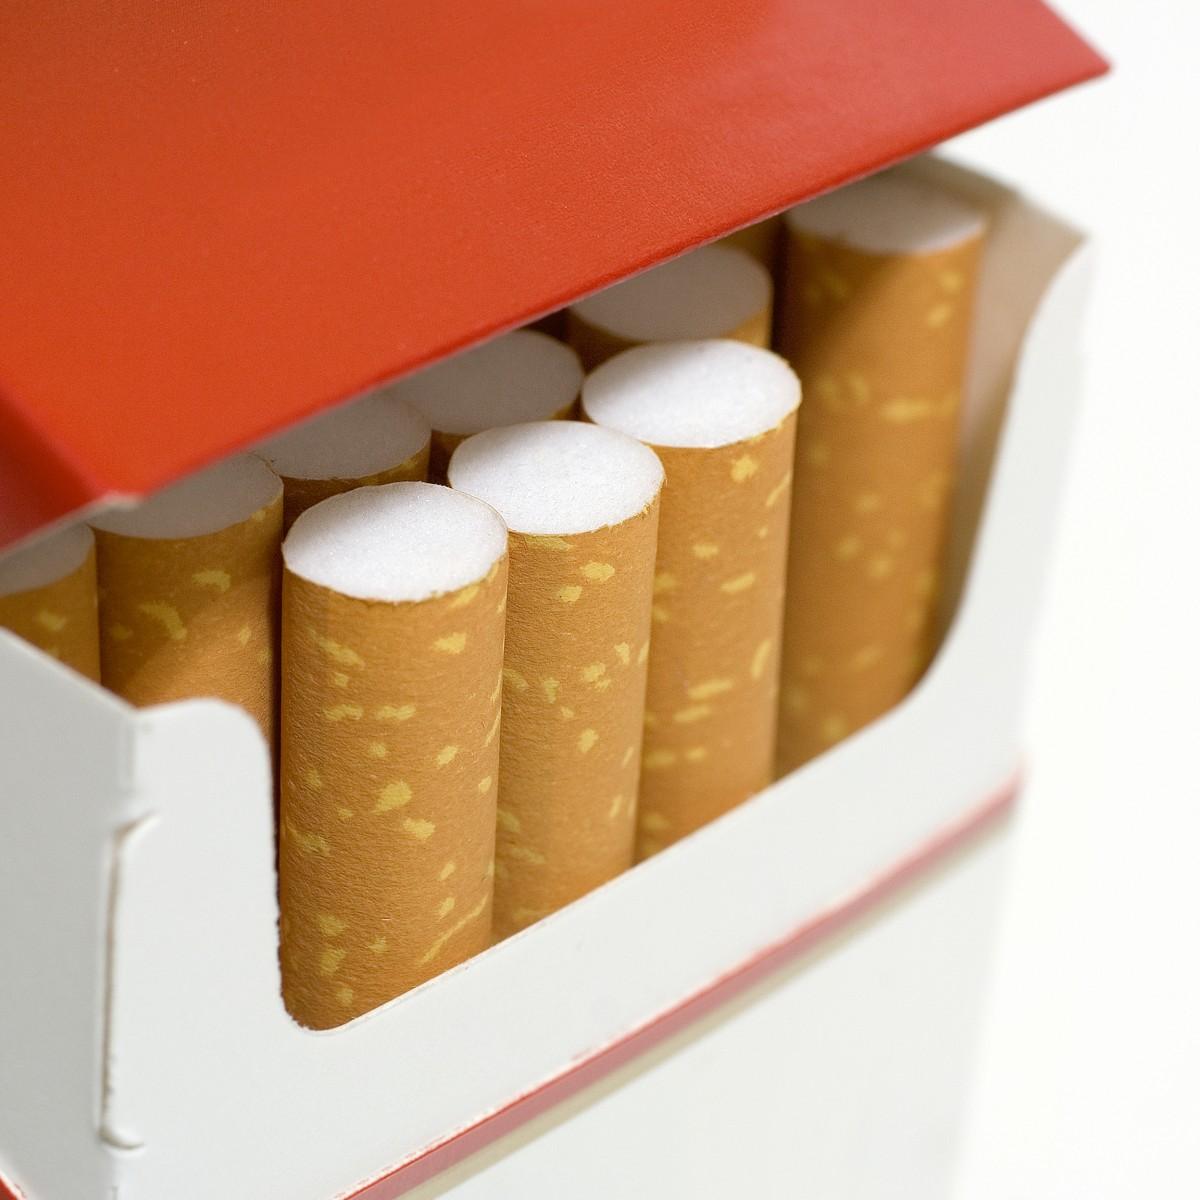 Si vous vous posez des questions sur les cartouches cigarettes andorre